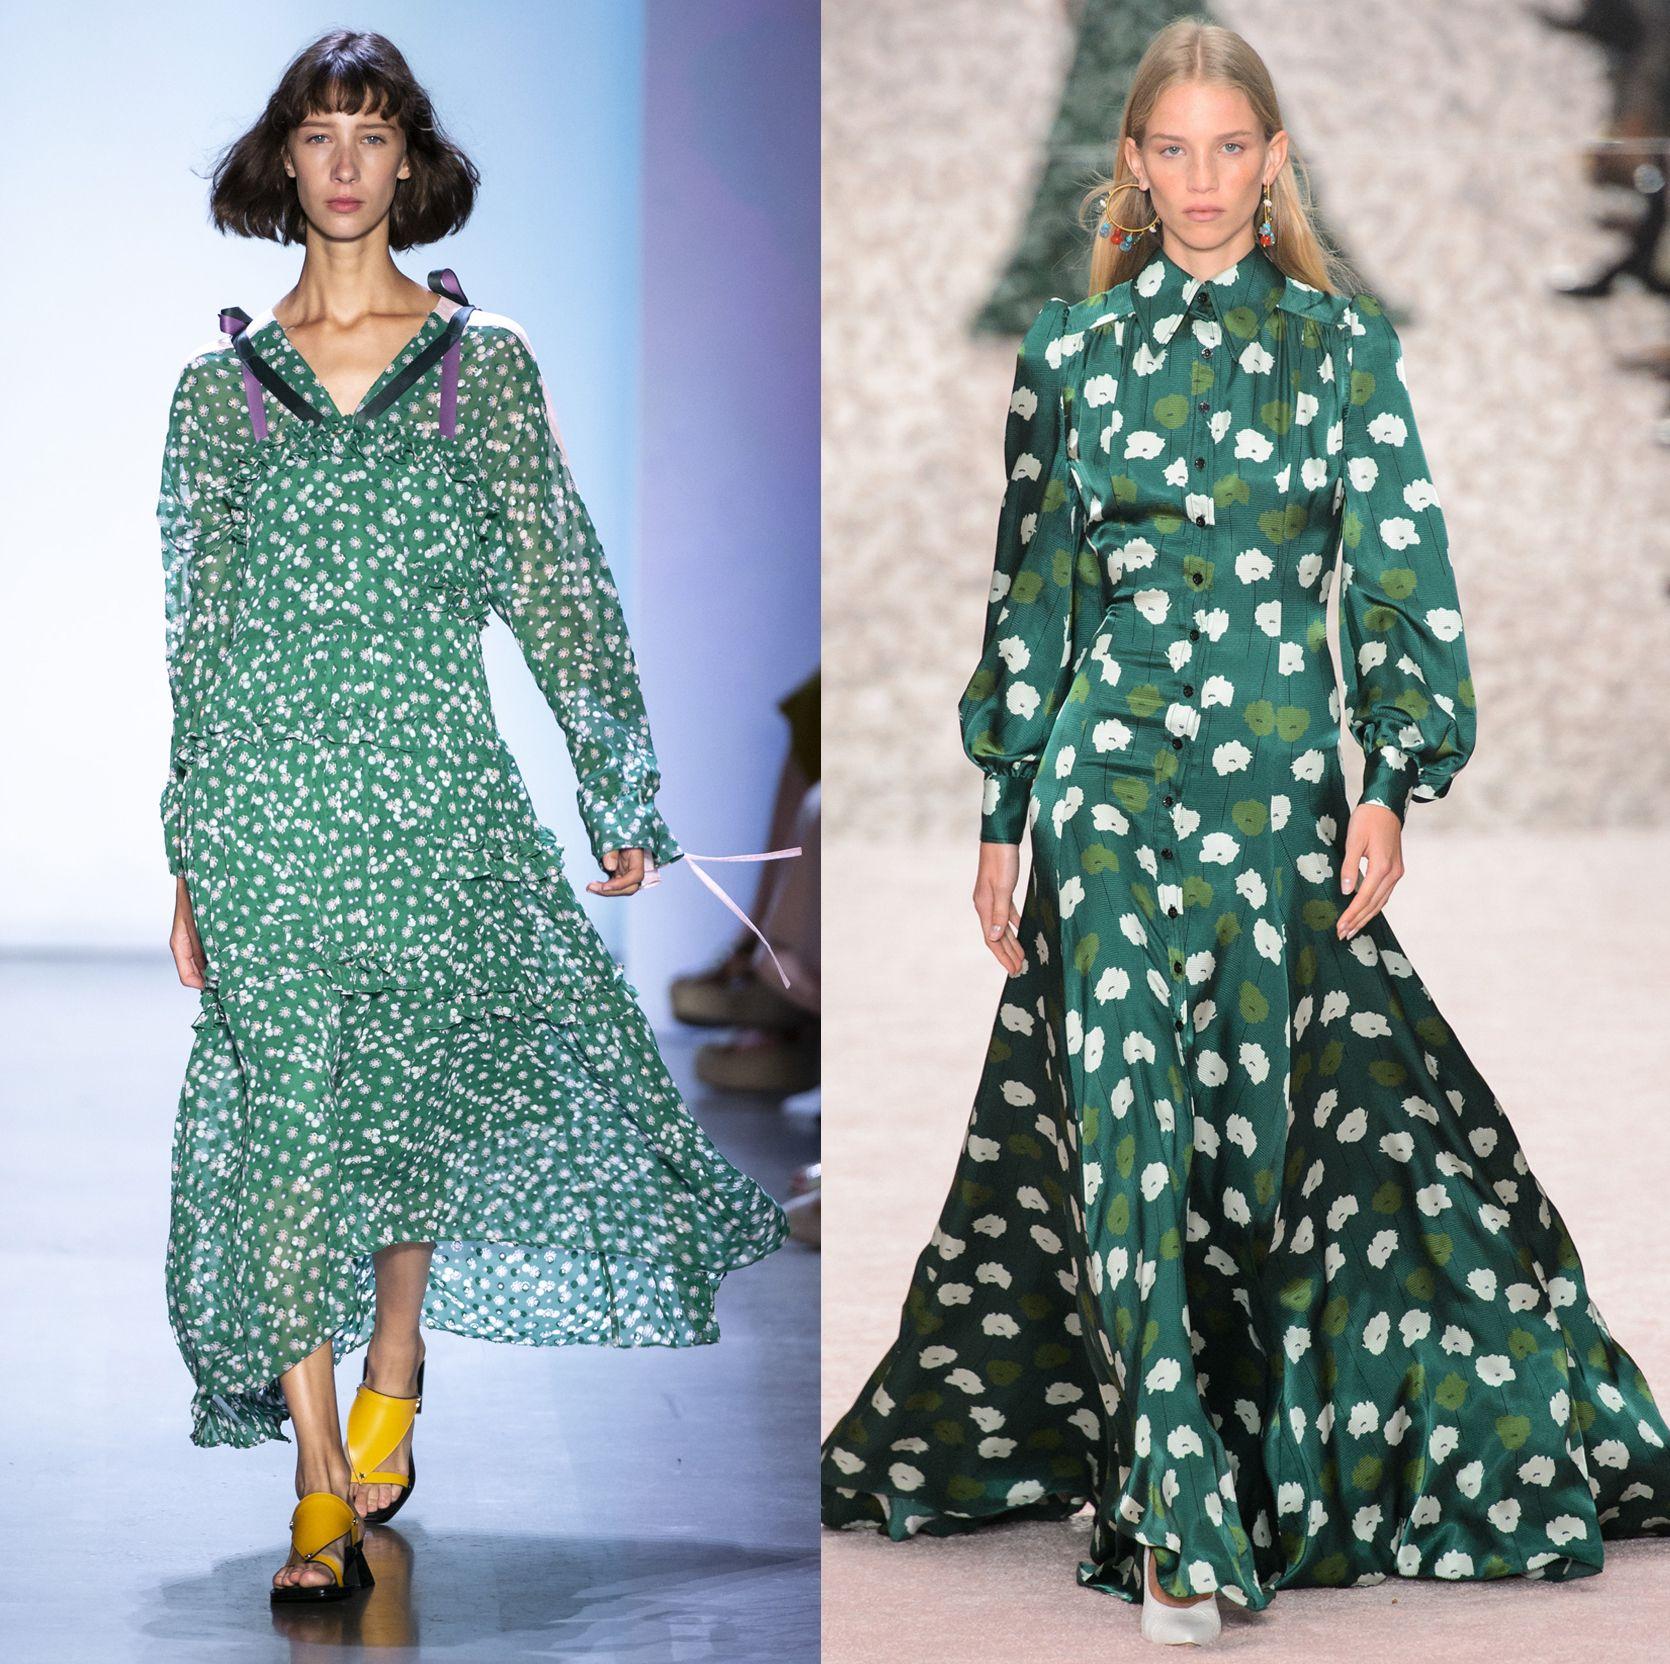 Per la moda primavera estate 2019 indosserai vestiti in ogni declinazione,  dai vestiti lunghi leggeri